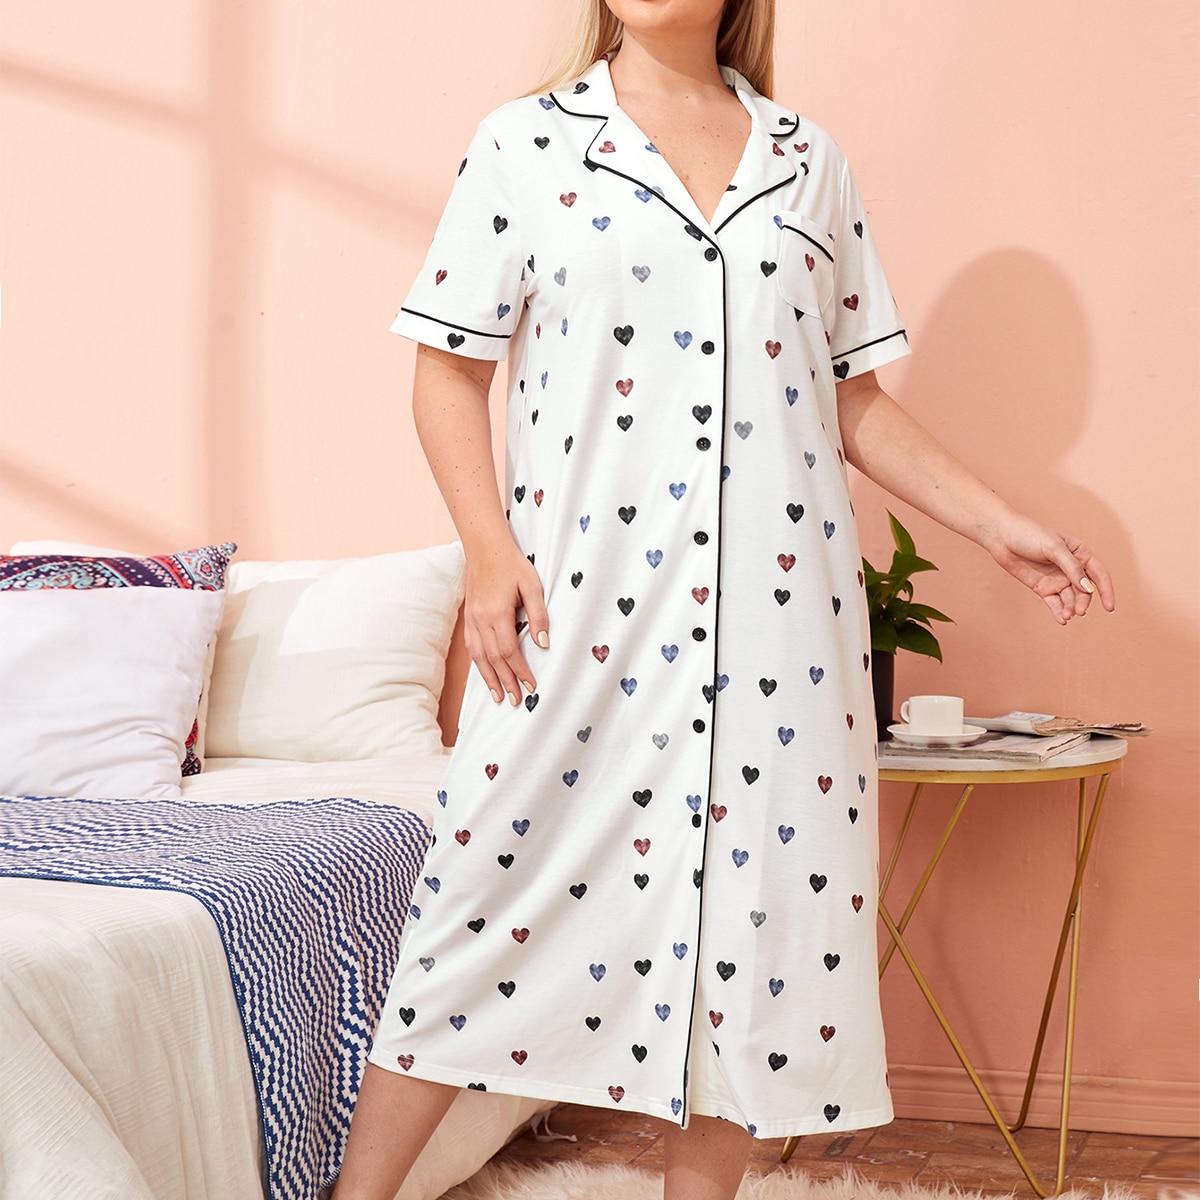 Накладной карман большого размера с отстрочкой - полная версия пижамы в форме сердца